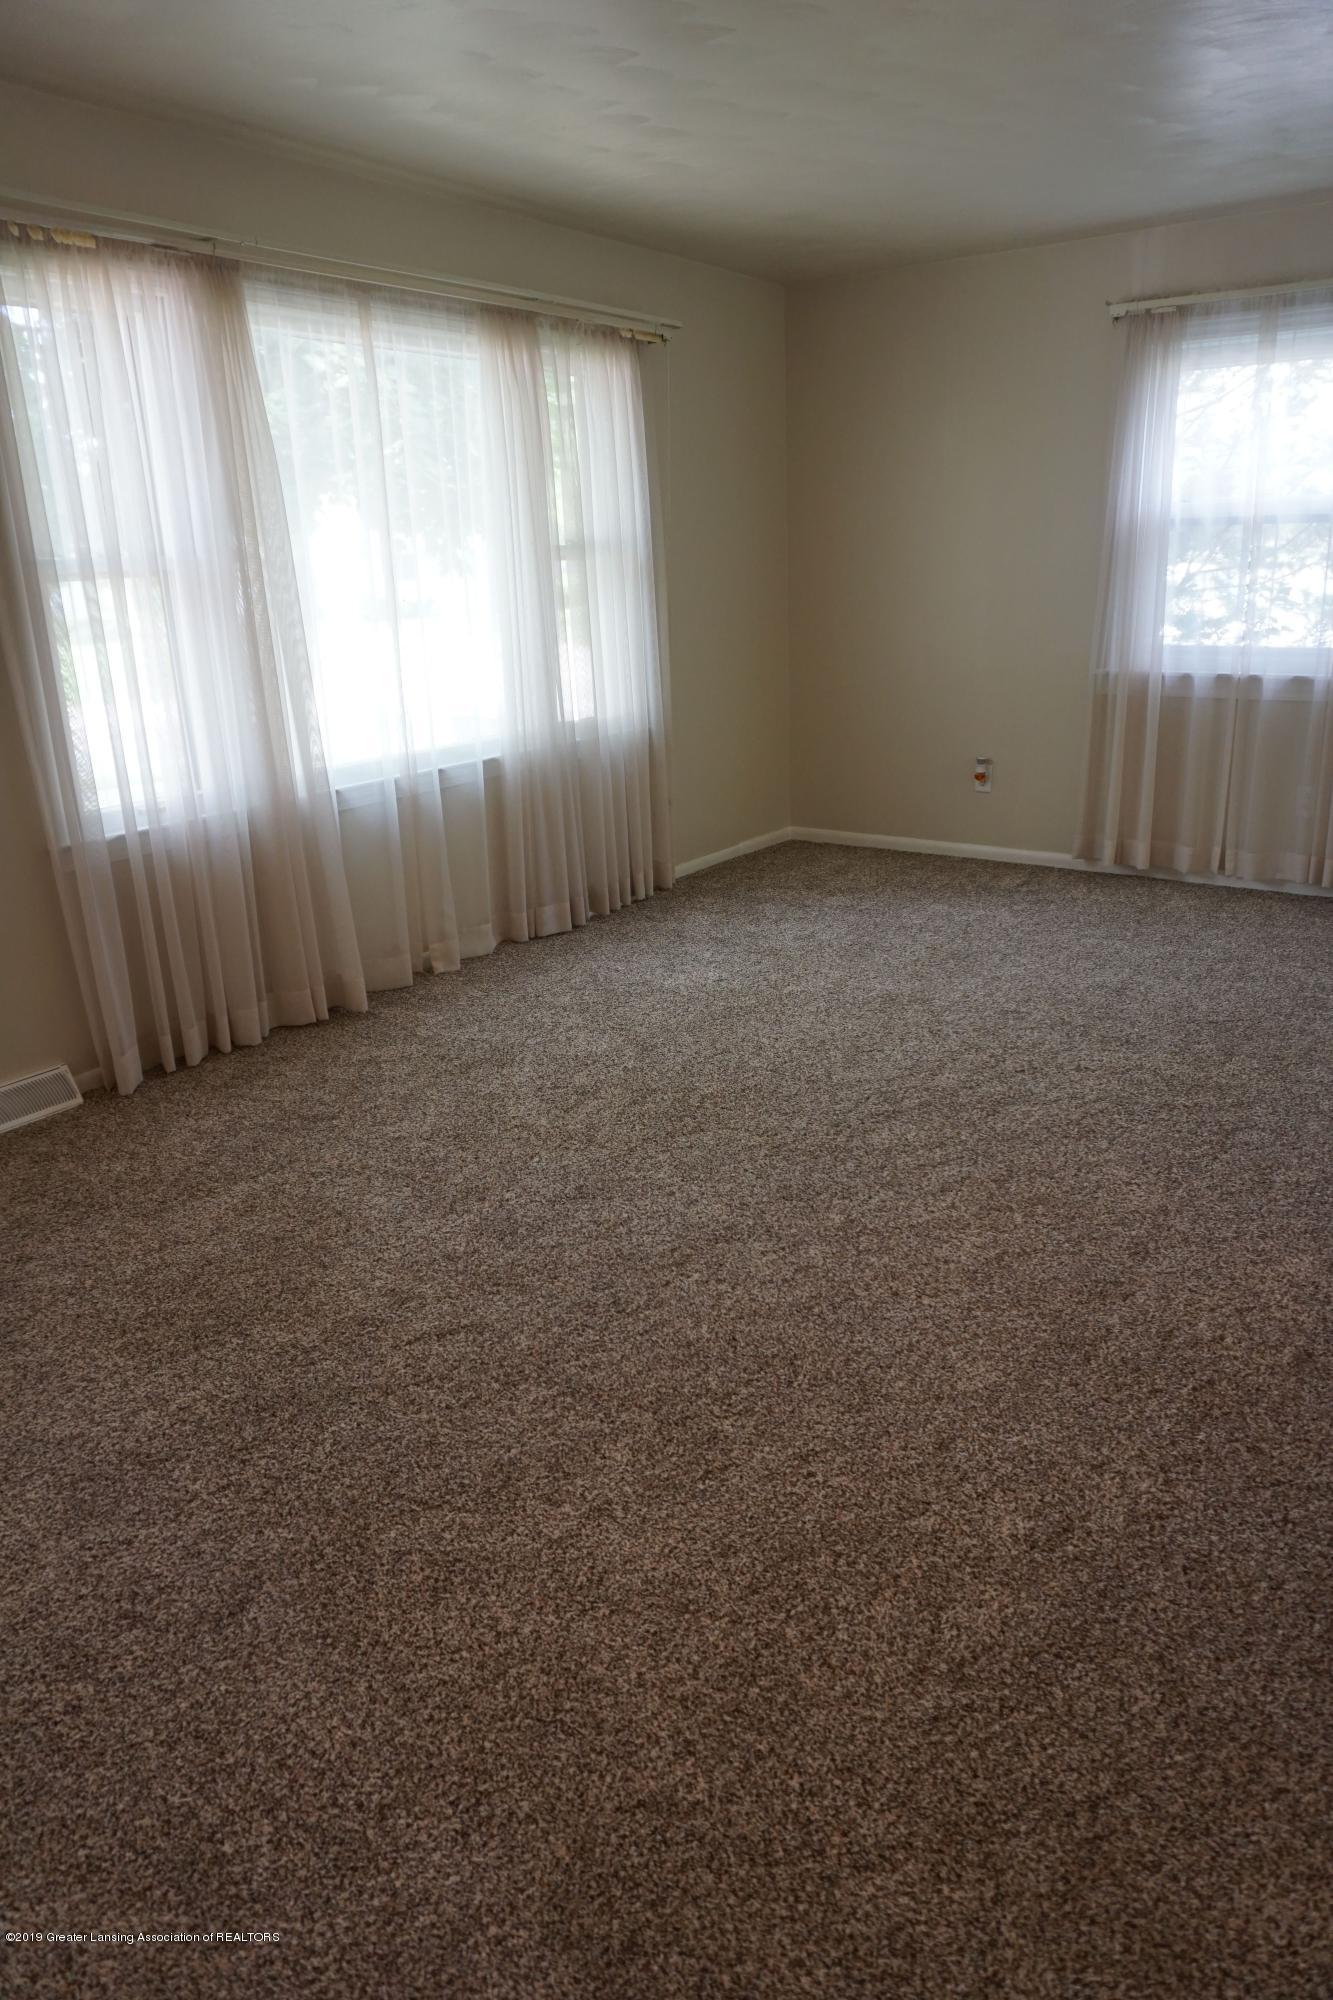 809 S Lansing St - Brand New Carpet! - 4